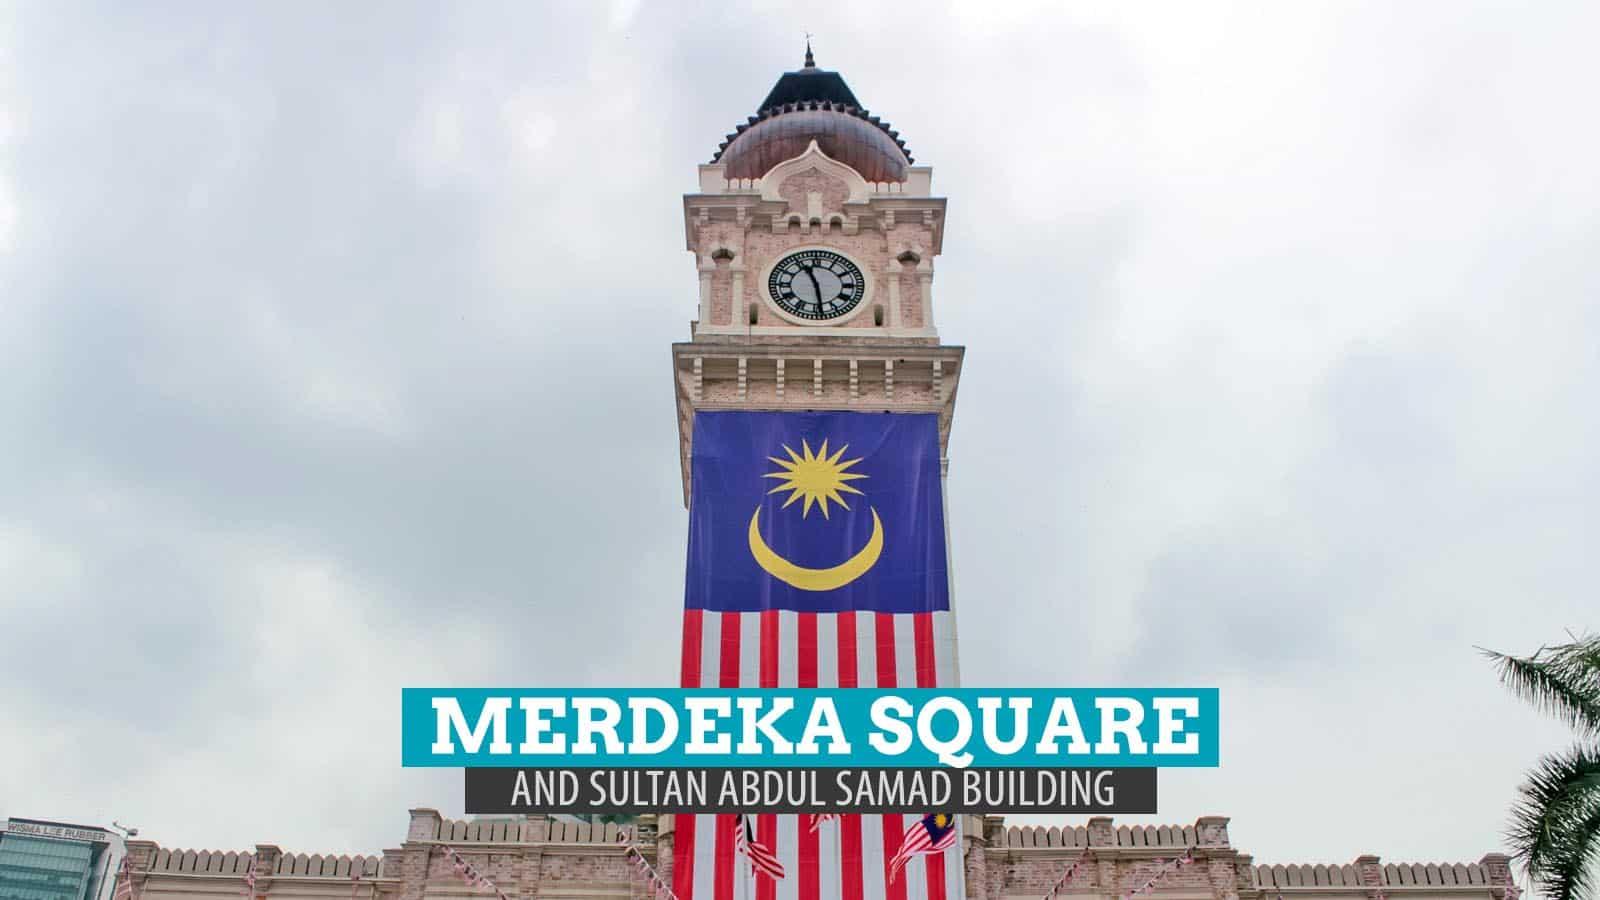 马来西亚吉隆坡的MERDEKA广场和SULTAN ABDUL SAMAD大厦 | 穷游者的行程安排博客